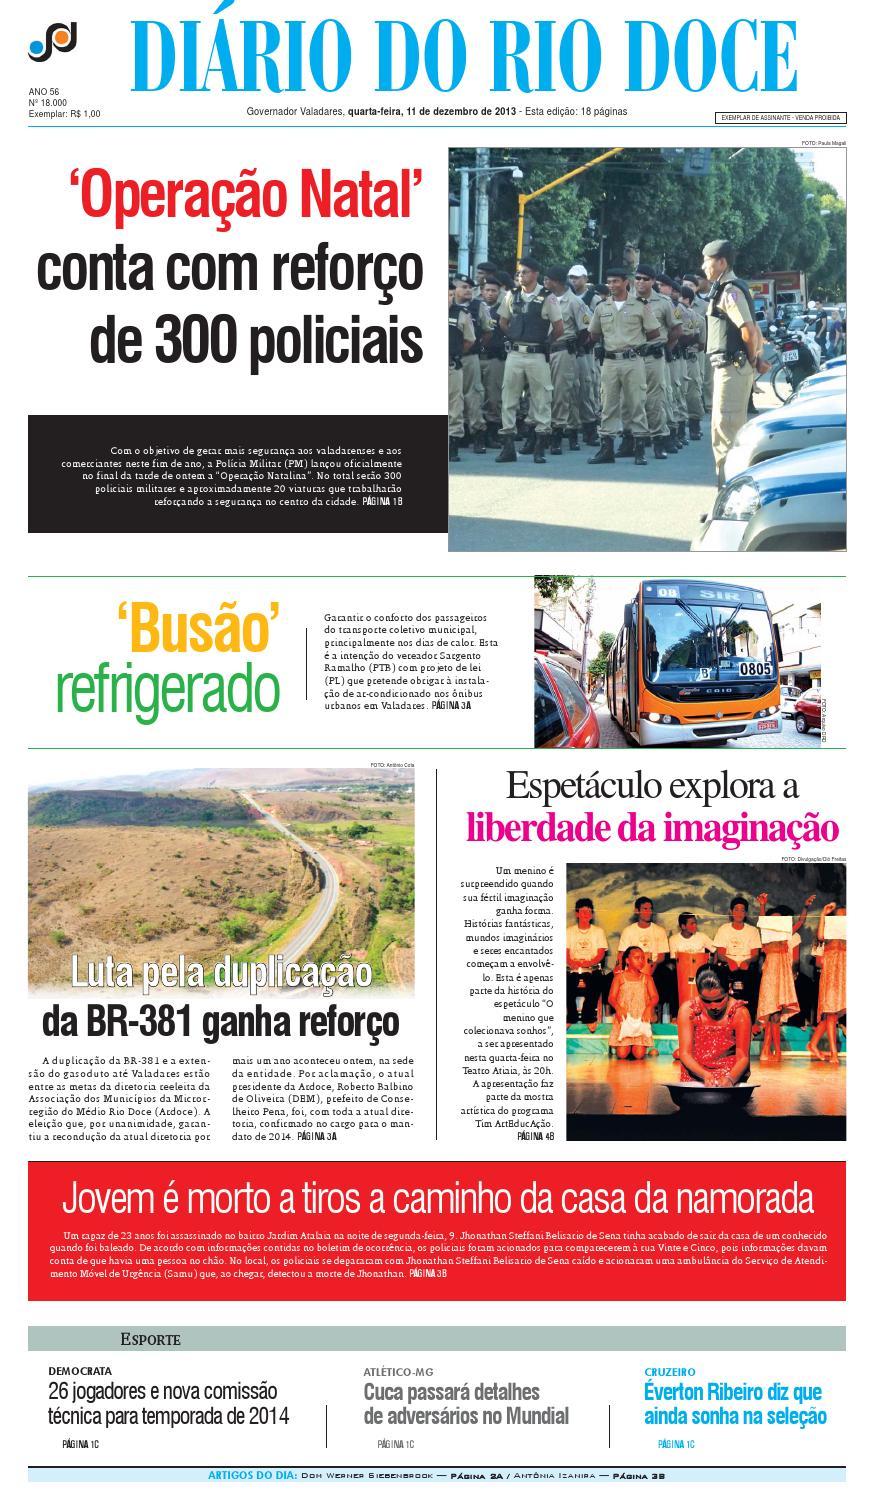 4e64f03f5 Diário do Rio Doce - Edição 11/12/2013 by Diário do Rio Doce - issuu